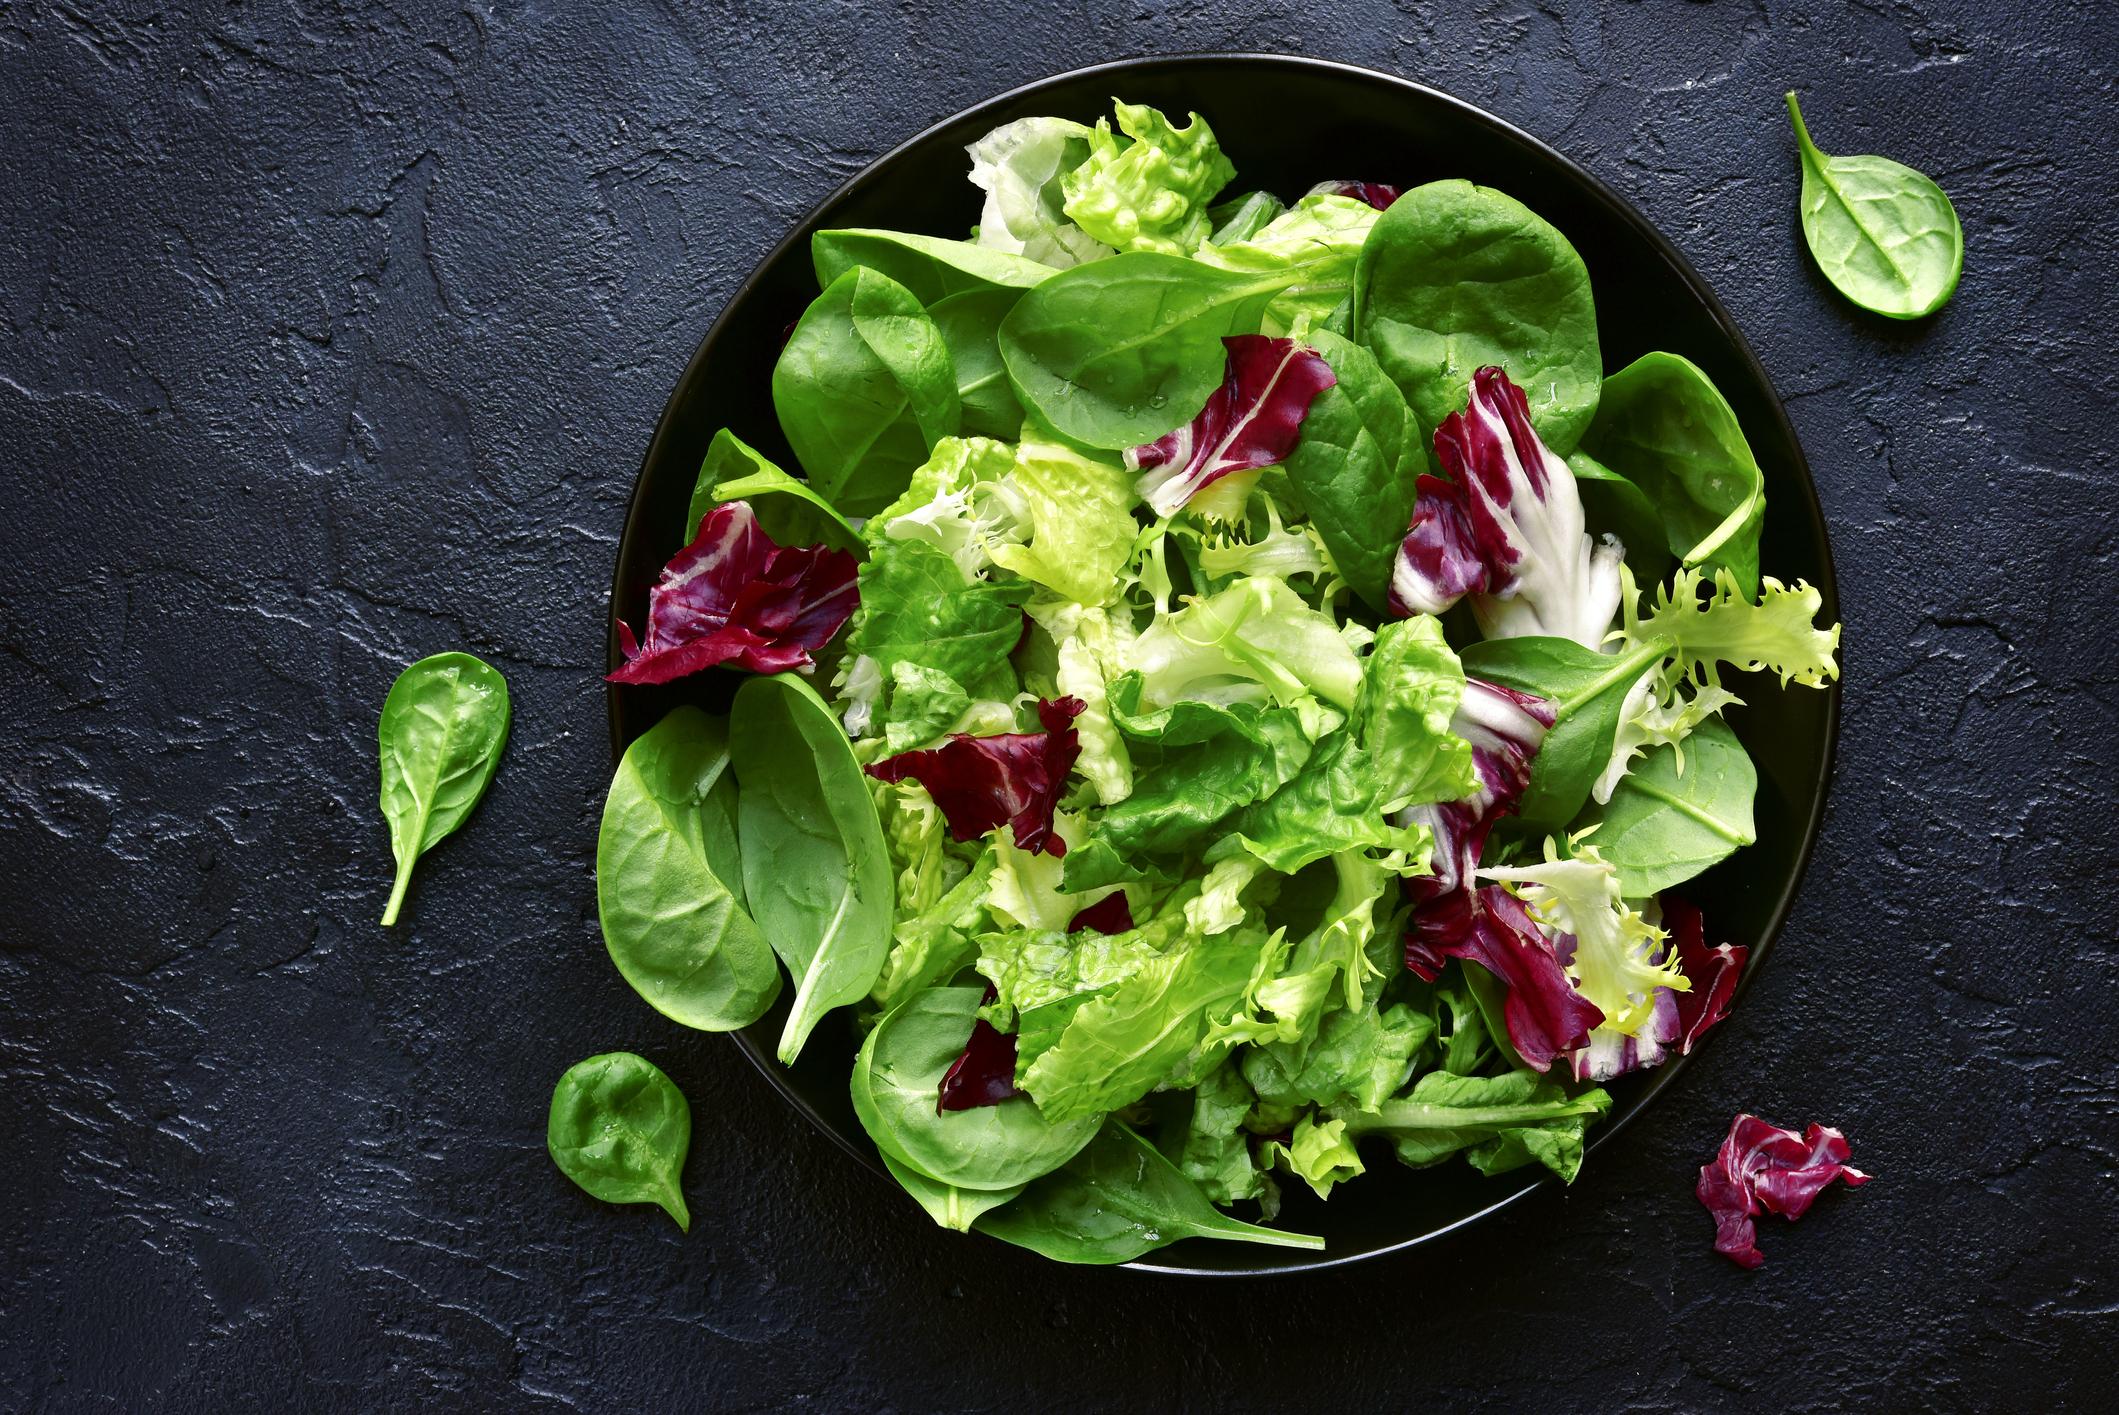 Tipos de lechugas que puedes usar en tus ensaladas - Diferentes ensaladas de lechuga ...